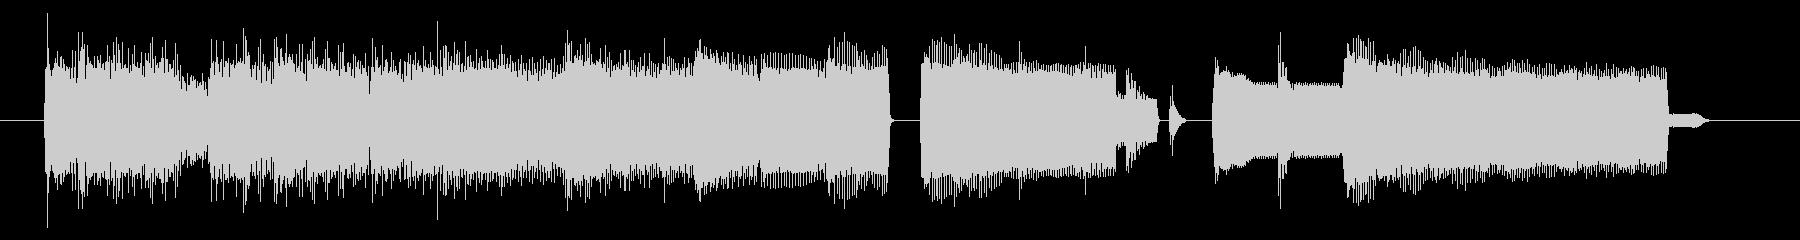 NES アクションC10-3(クリア1)の未再生の波形